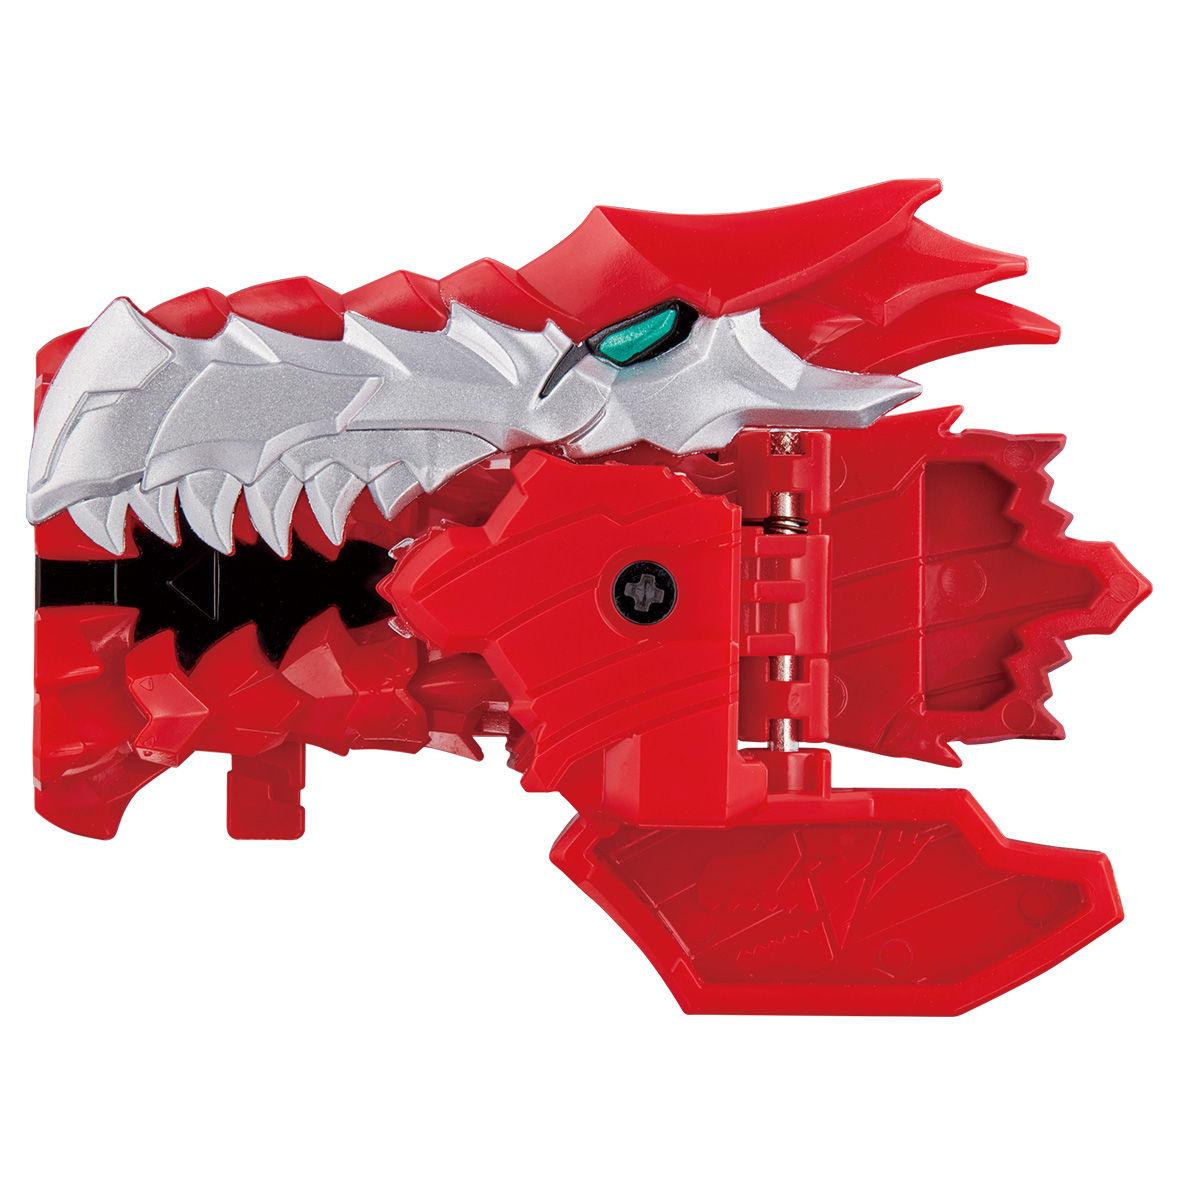 騎士竜戦隊リュウソウジャー『騎士竜シリーズ01 竜装合体 DXキシリュウオー』可変可動フィギュア-003